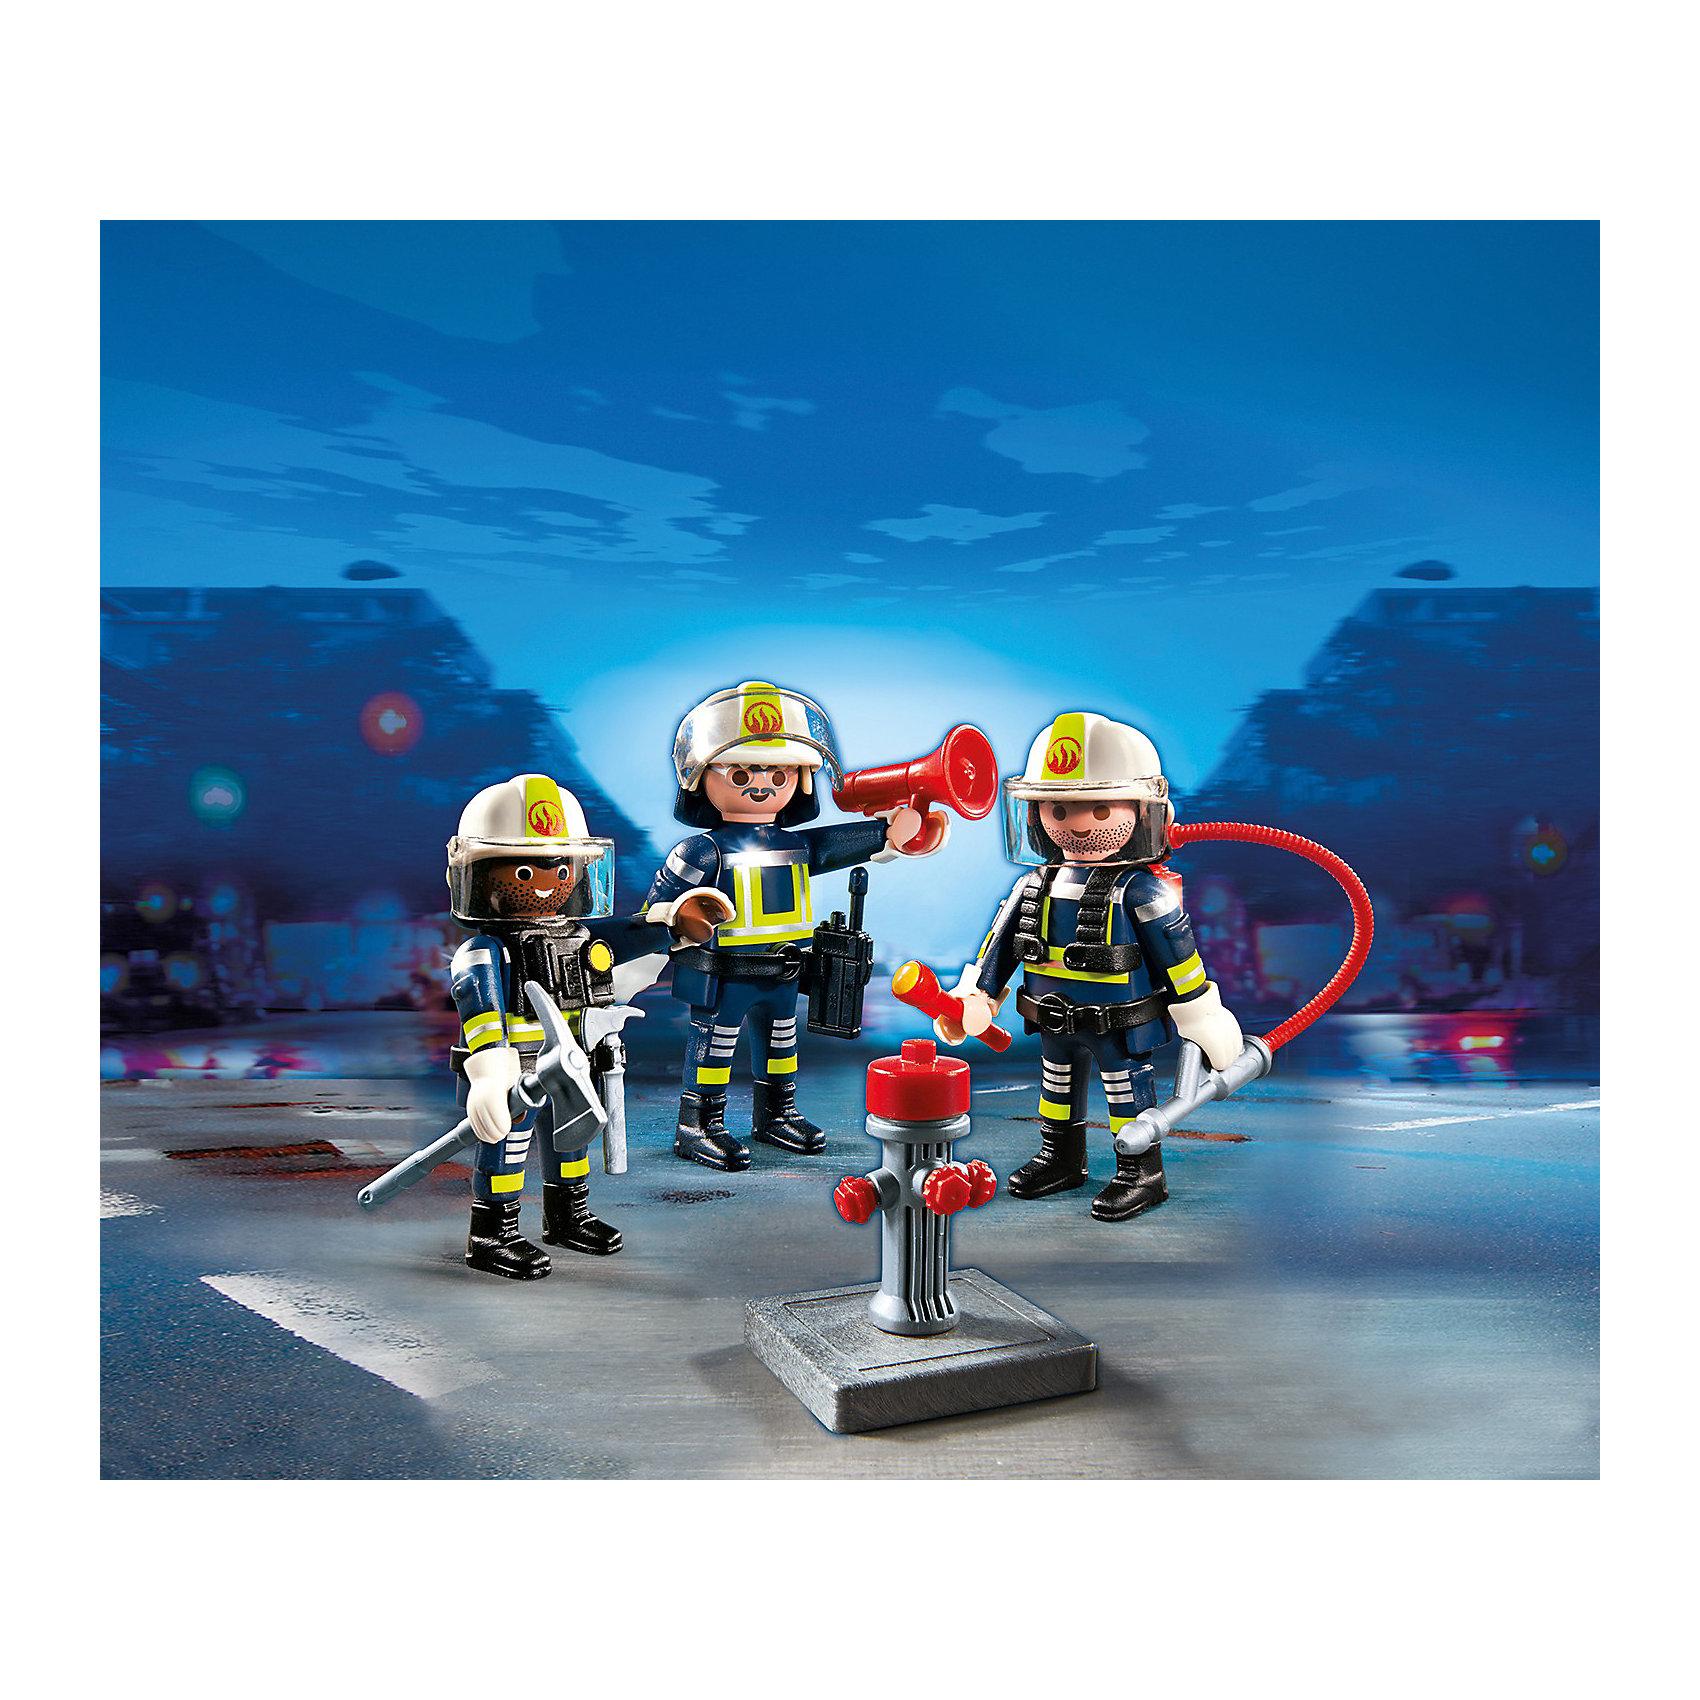 Команда пожарников, PLAYMOBILПластмассовые конструкторы<br>Конструктор PLAYMOBIL (Плеймобил) 5366 Пожарная служба: Команда пожарников - находка для заботливых родителей! Конструктор Вашего ребенка должен быть именно таким: красочным, безопасным и очень интересным. Серия Пожарная служба специально создана для малышей которые не боятся опасности и мечтают помогать другим людям. Пожарные - самая отважная профессия! Настоящий пожарный должен быть смелым, сильным и очень ловким. В наборе Команда пожарников ребенок найдет фигурки трех пожарных, одетых в специальную форму, каски и перчатки. С помощью огнетушителя пожарные могут ликвидировать небольшие возгорания, а если пожар большой, можно воспользоваться пожарным гидрантом. Пожарные обязательно проверяют горящее здание и выводят из него людей. Для этого у отважной команды есть фонарик и топорик, чтобы проложить себе путь между обломками здания. Ну а когда операция по спасению благополучно закончена нужно сообщить о проделанной работе по рации. Создай интересные сюжеты с набором Команда пожарников или объедини его с другими наборами серии и игра станет еще интереснее. Придумывая замечательные сюжеты с деталями конструктора, Ваш ребенок развивает фантазию, учится заботе и просто прекрасно проводит время!<br><br>Дополнительная информация:<br><br>- Конструкторы PLAYMOBIL (Плеймобил) отлично развивают мелкую моторику, фантазию и воображение;<br>- В наборе: 3 минифигурки, огнетушитель, брандспойт, кирка, топорик, фонарик, громкоговоритель, рация;<br>- Количество деталей: 31 шт;<br>- Материал: безопасный пластик;<br>- Размер минифигурок: 7,5 см;<br>- Размер упаковки: 15 х 15 х 5,2 см;<br>- Вес: 118 г<br><br>Конструктор PLAYMOBIL (Плеймобил) 5366 Пожарная служба: Команда пожарников можно купить в нашем интернет-магазине.<br><br>Ширина мм: 153<br>Глубина мм: 152<br>Высота мм: 53<br>Вес г: 127<br>Возраст от месяцев: 60<br>Возраст до месяцев: 120<br>Пол: Мужской<br>Возраст: Детский<br>SKU: 3536839